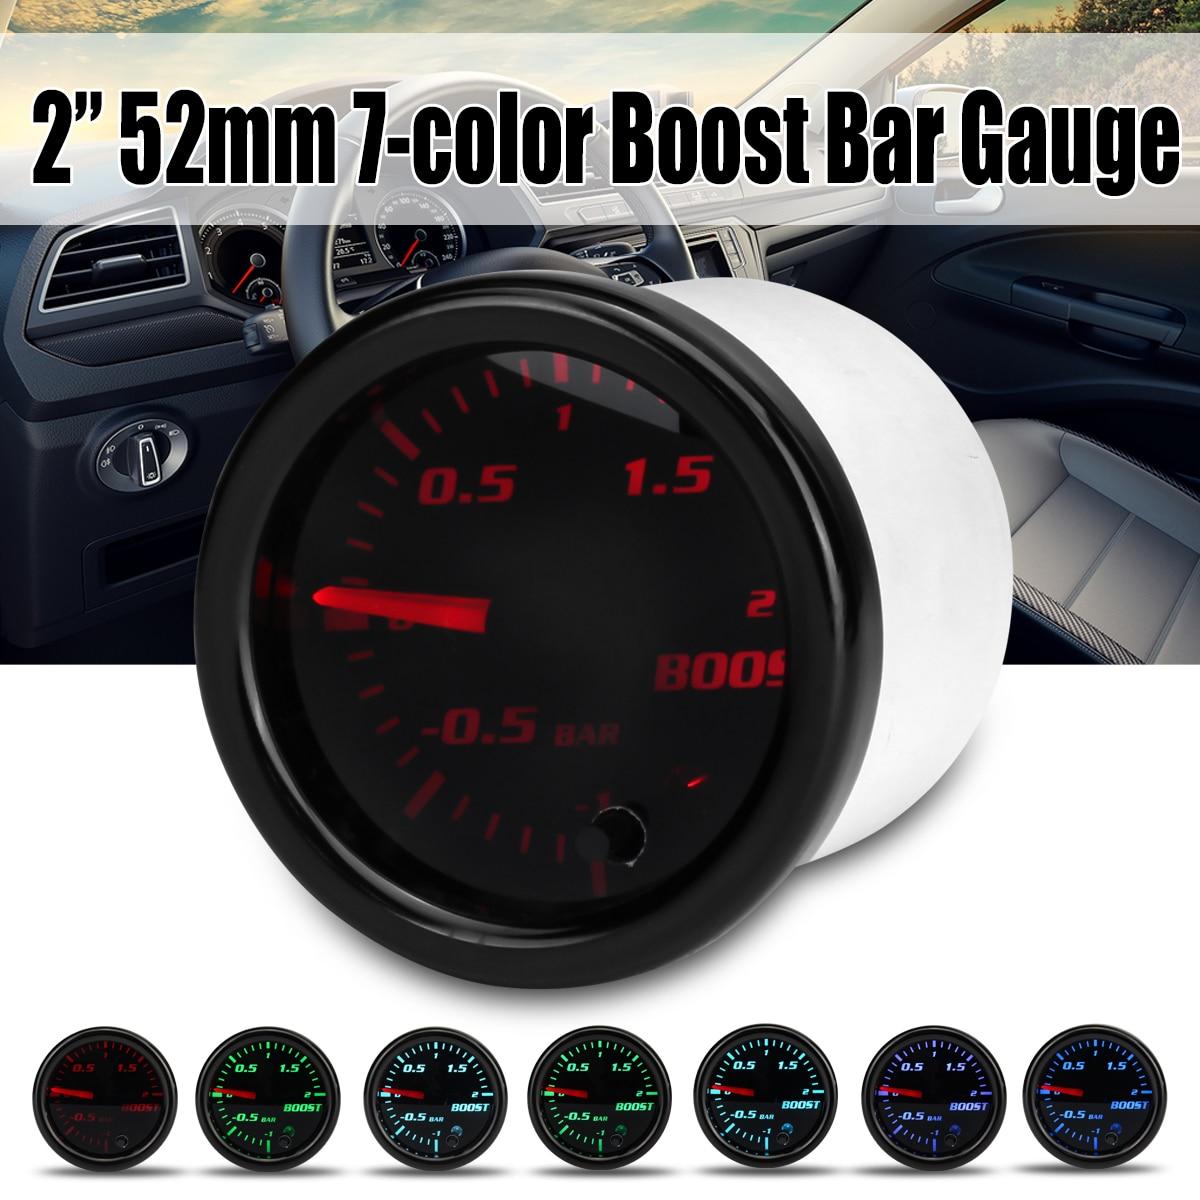 2 pouces 52mm Turbo Boost Mécanique Jauge Vide Presse Compteur-1 ~ 2 Bar 7 Couleur LED Noir len 12 v